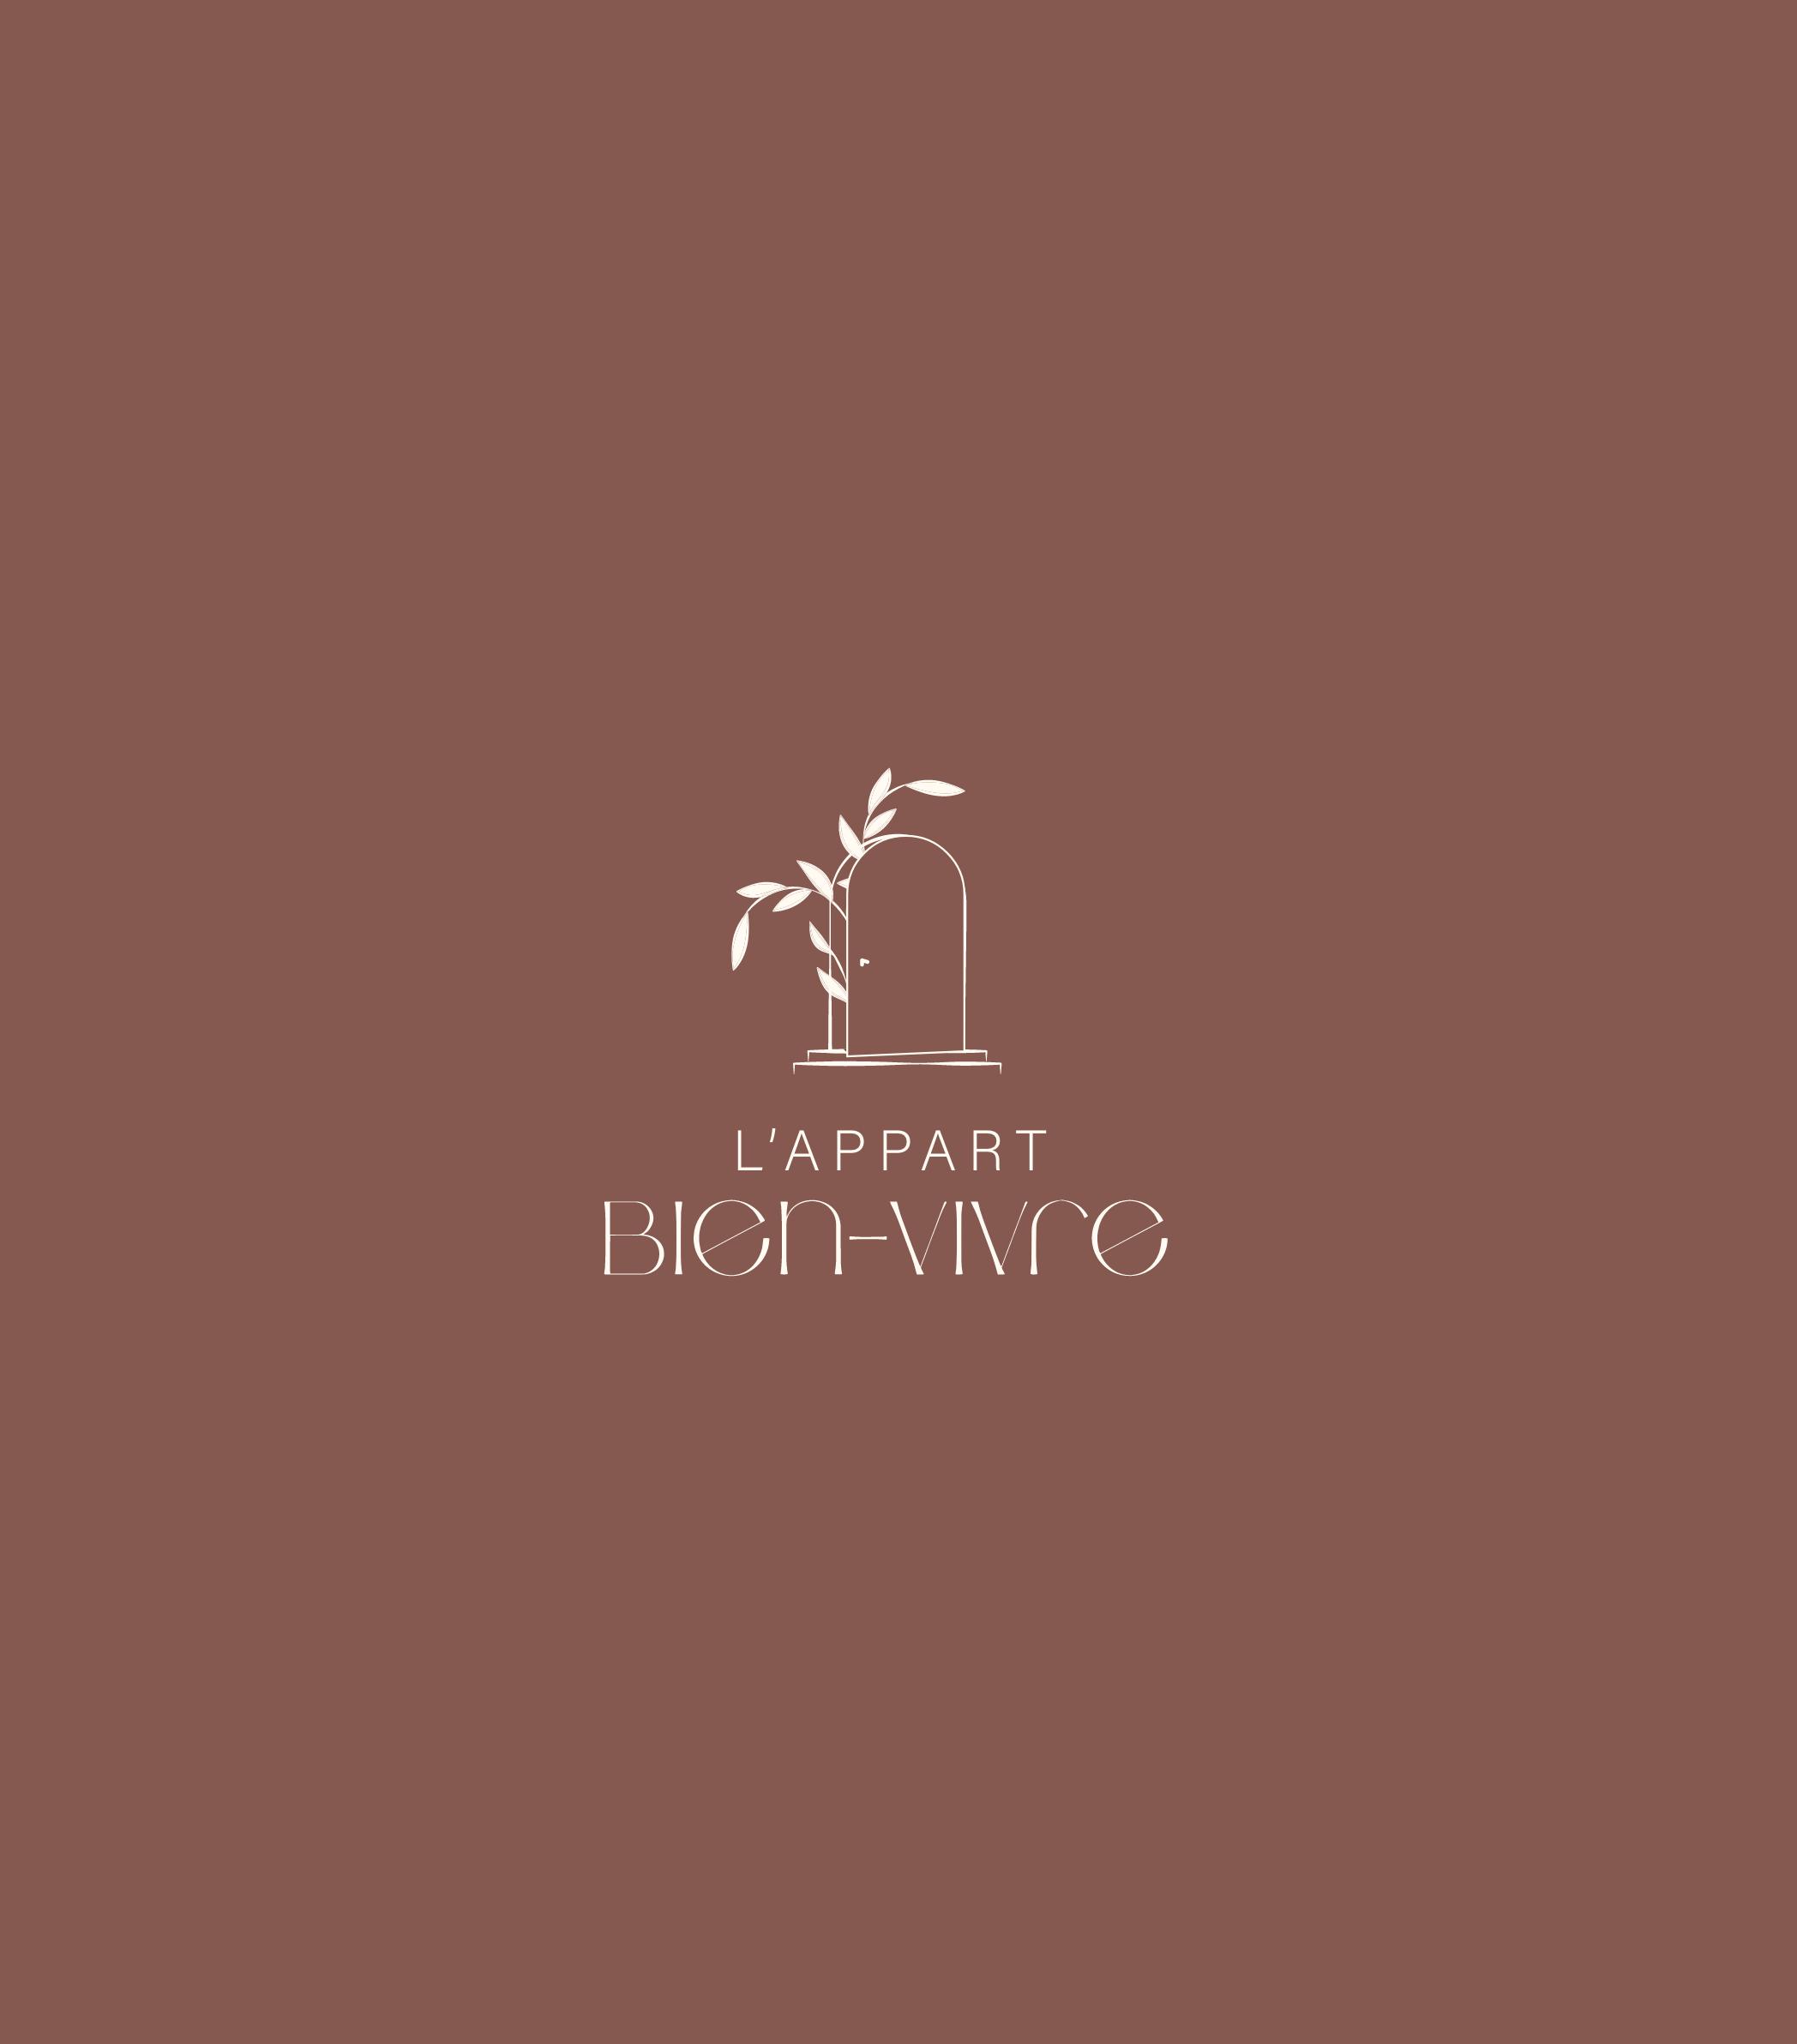 Logo de l'Appart Bien-Vivre sur fond couleur terracota/bordeaux